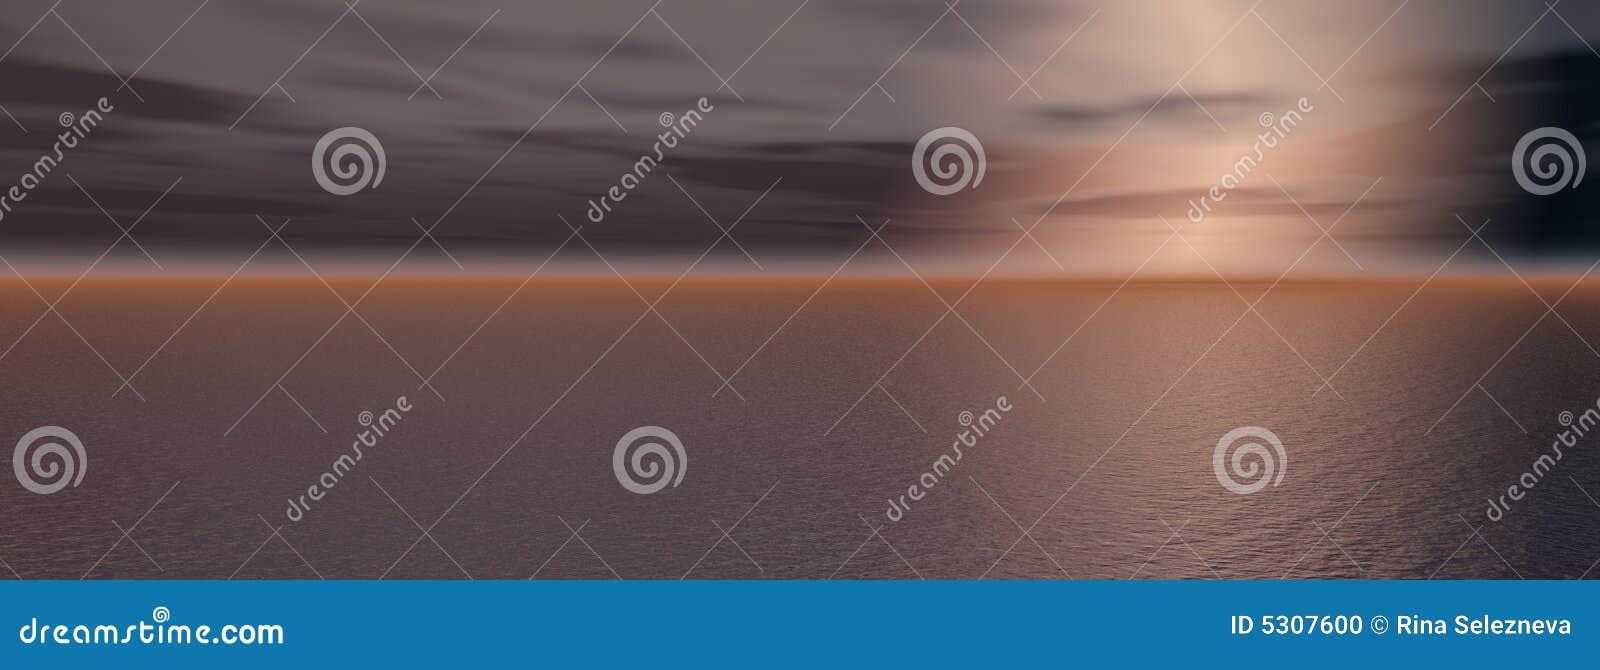 Download Tramonto sul mare illustrazione di stock. Illustrazione di altezza - 5307600